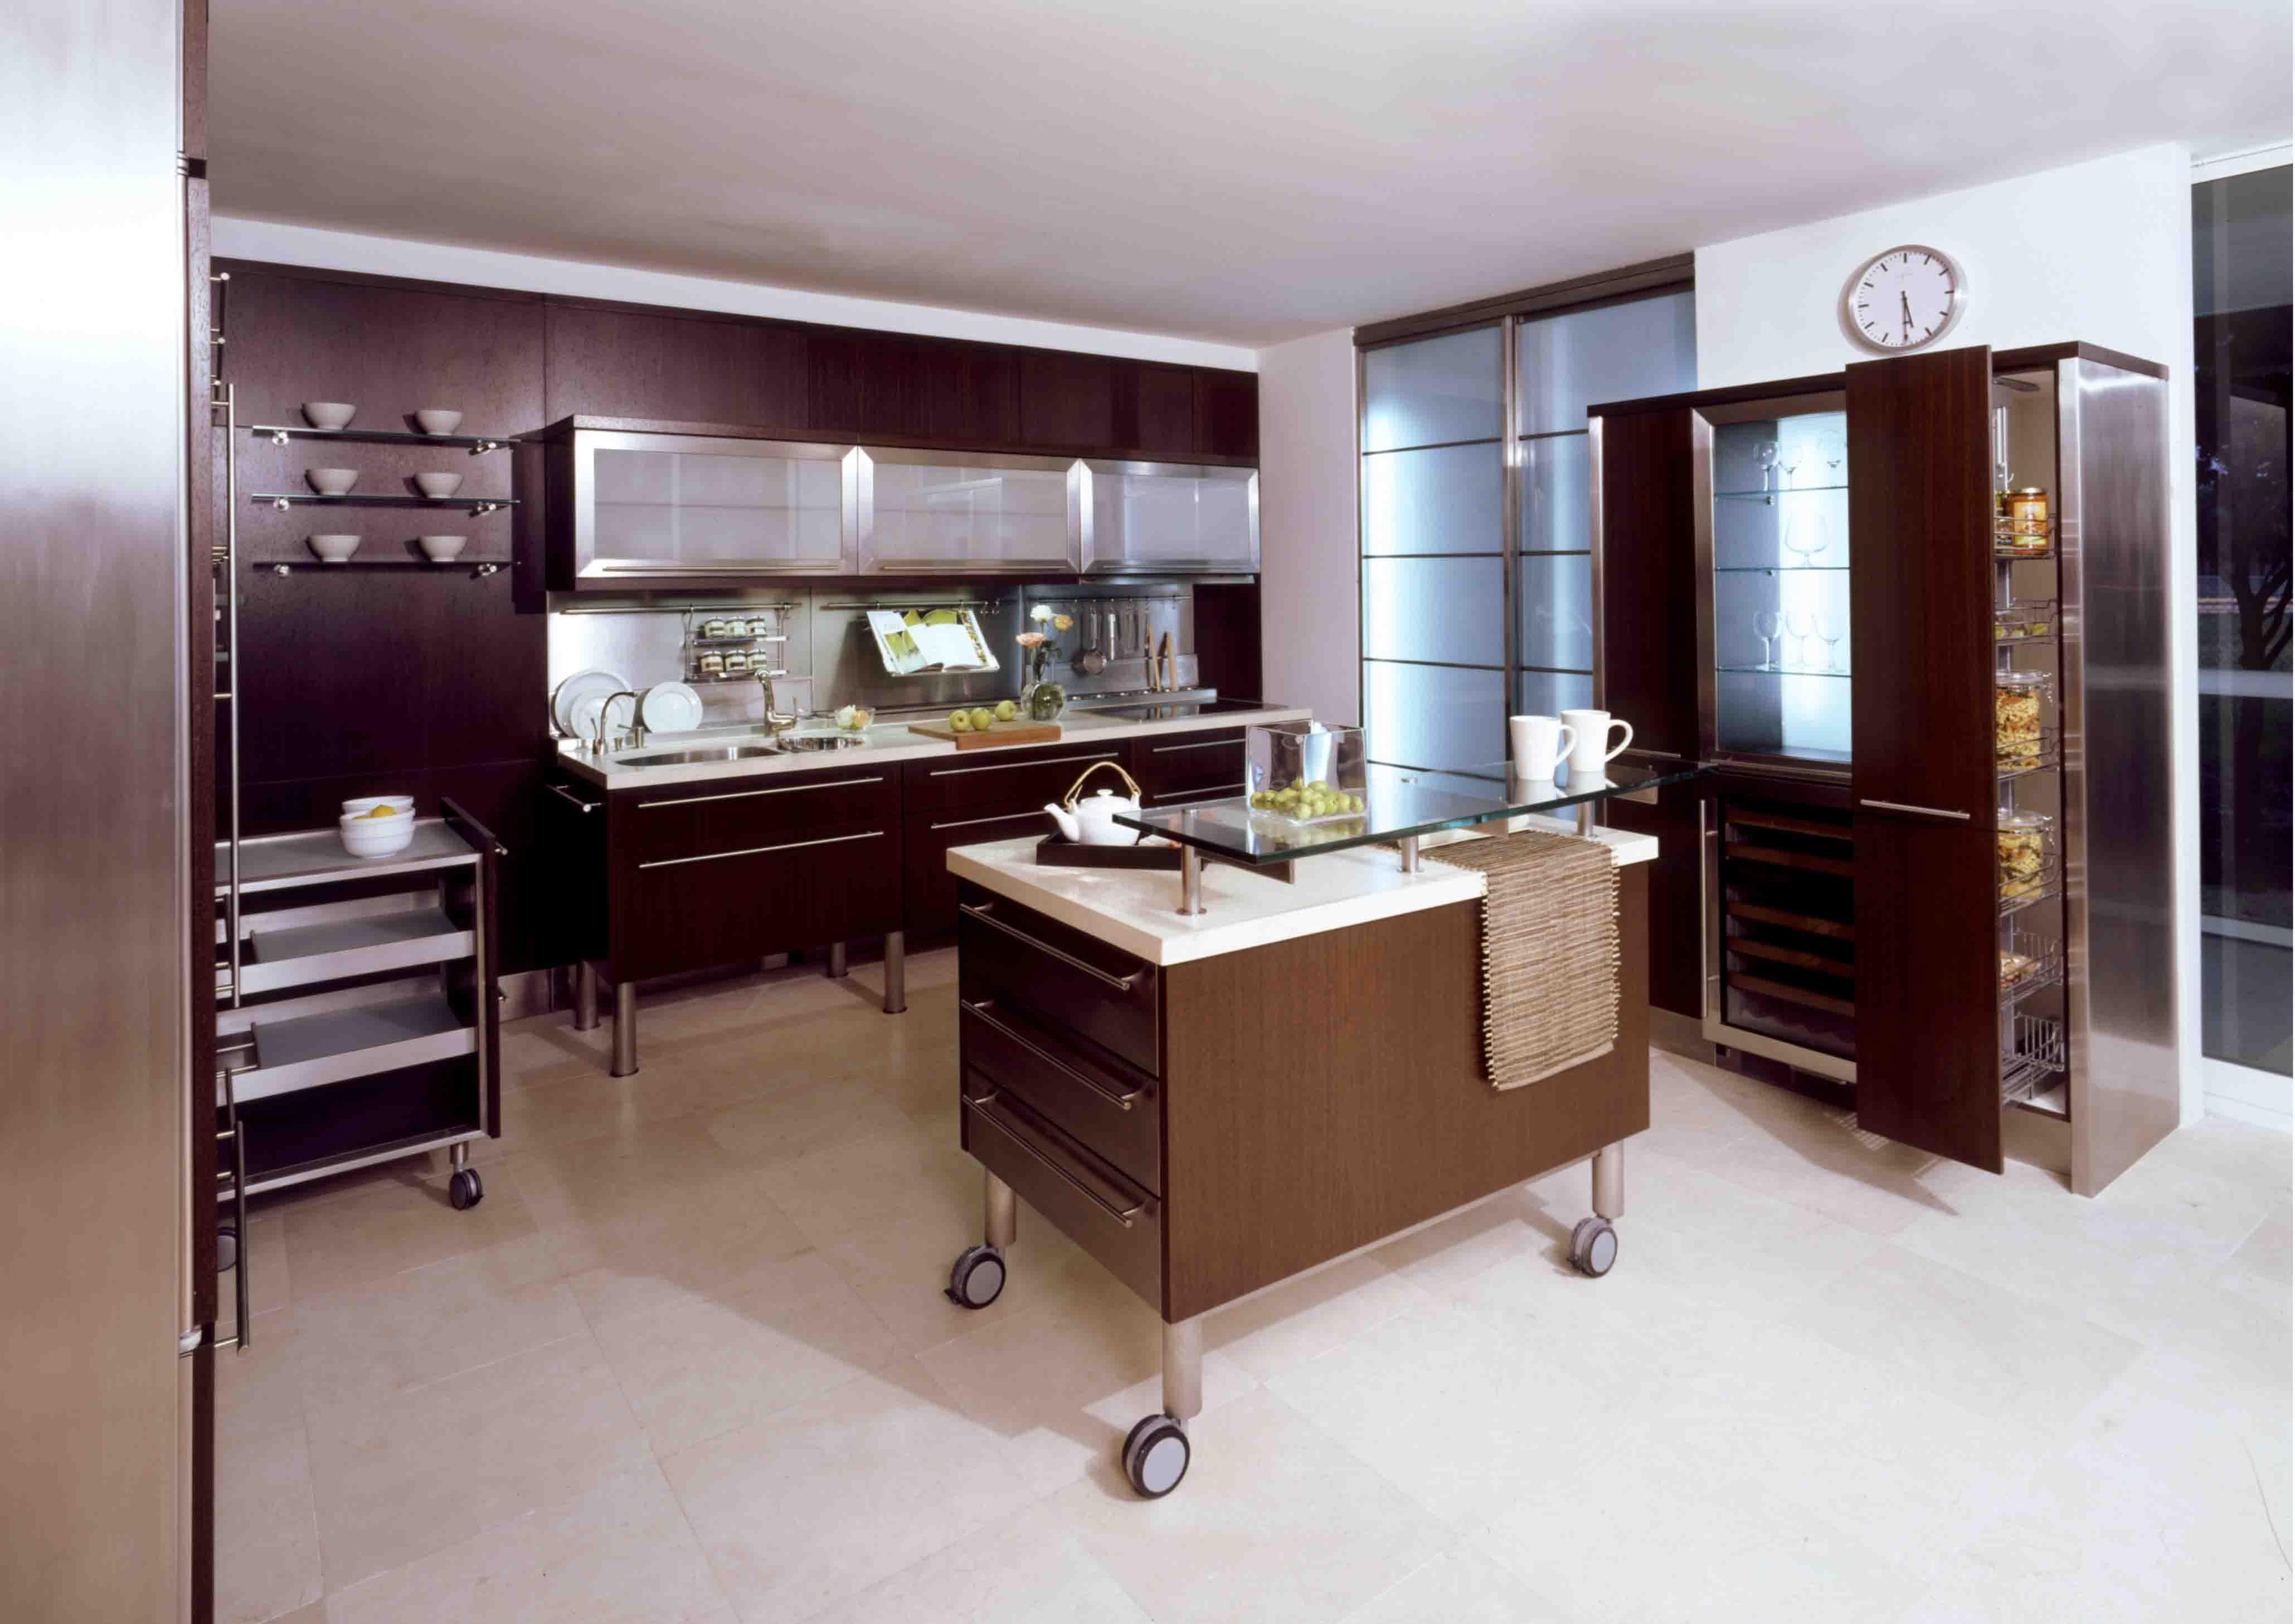 Encantador Crear Cocinas Rutherglen Viñeta - Ideas de Decoración de ...